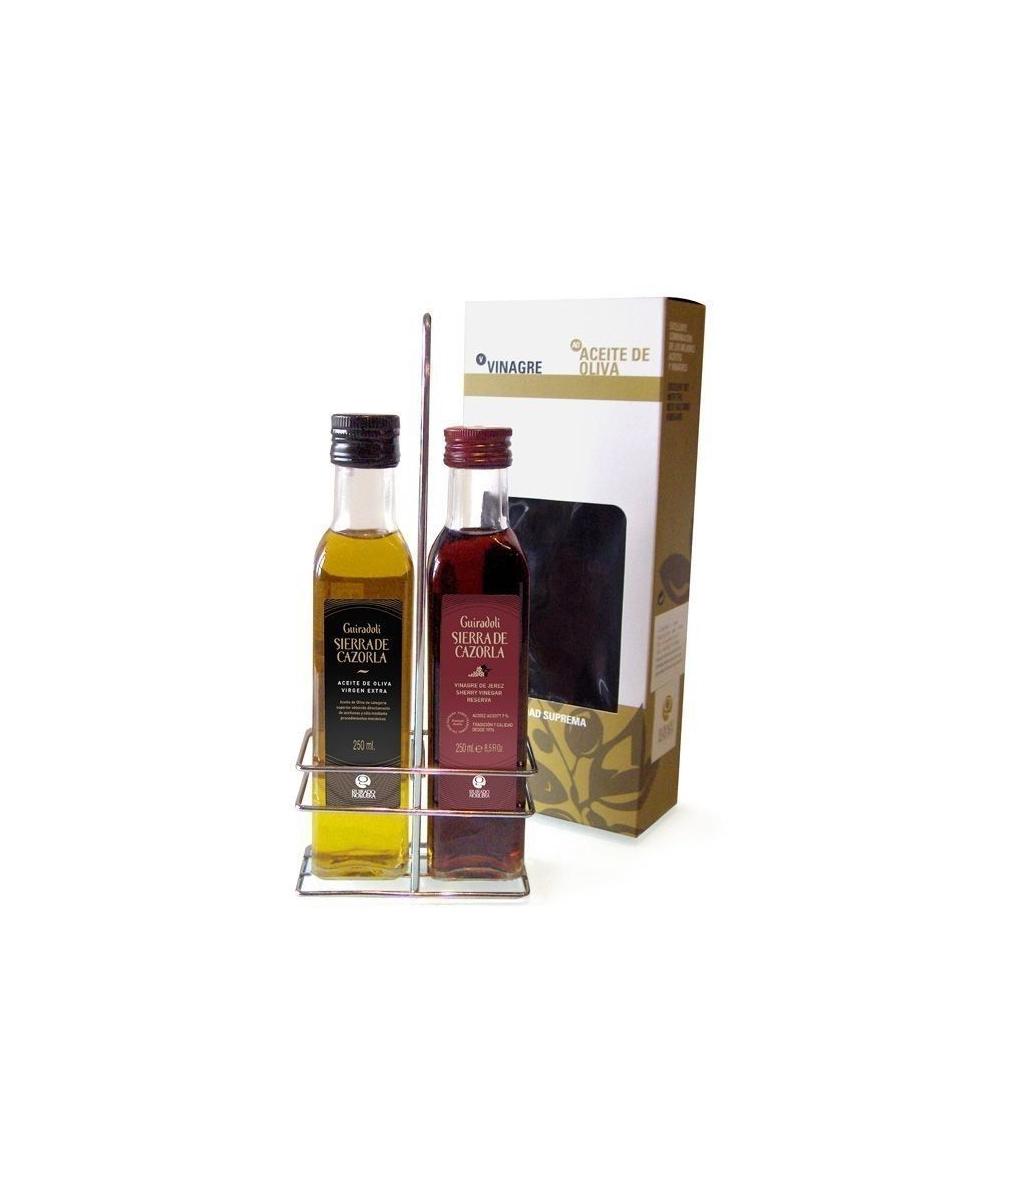 Sierra de cazorla huile d 39 olive et vinaigre de jerez 250 ml - Huile et vinaigre ...